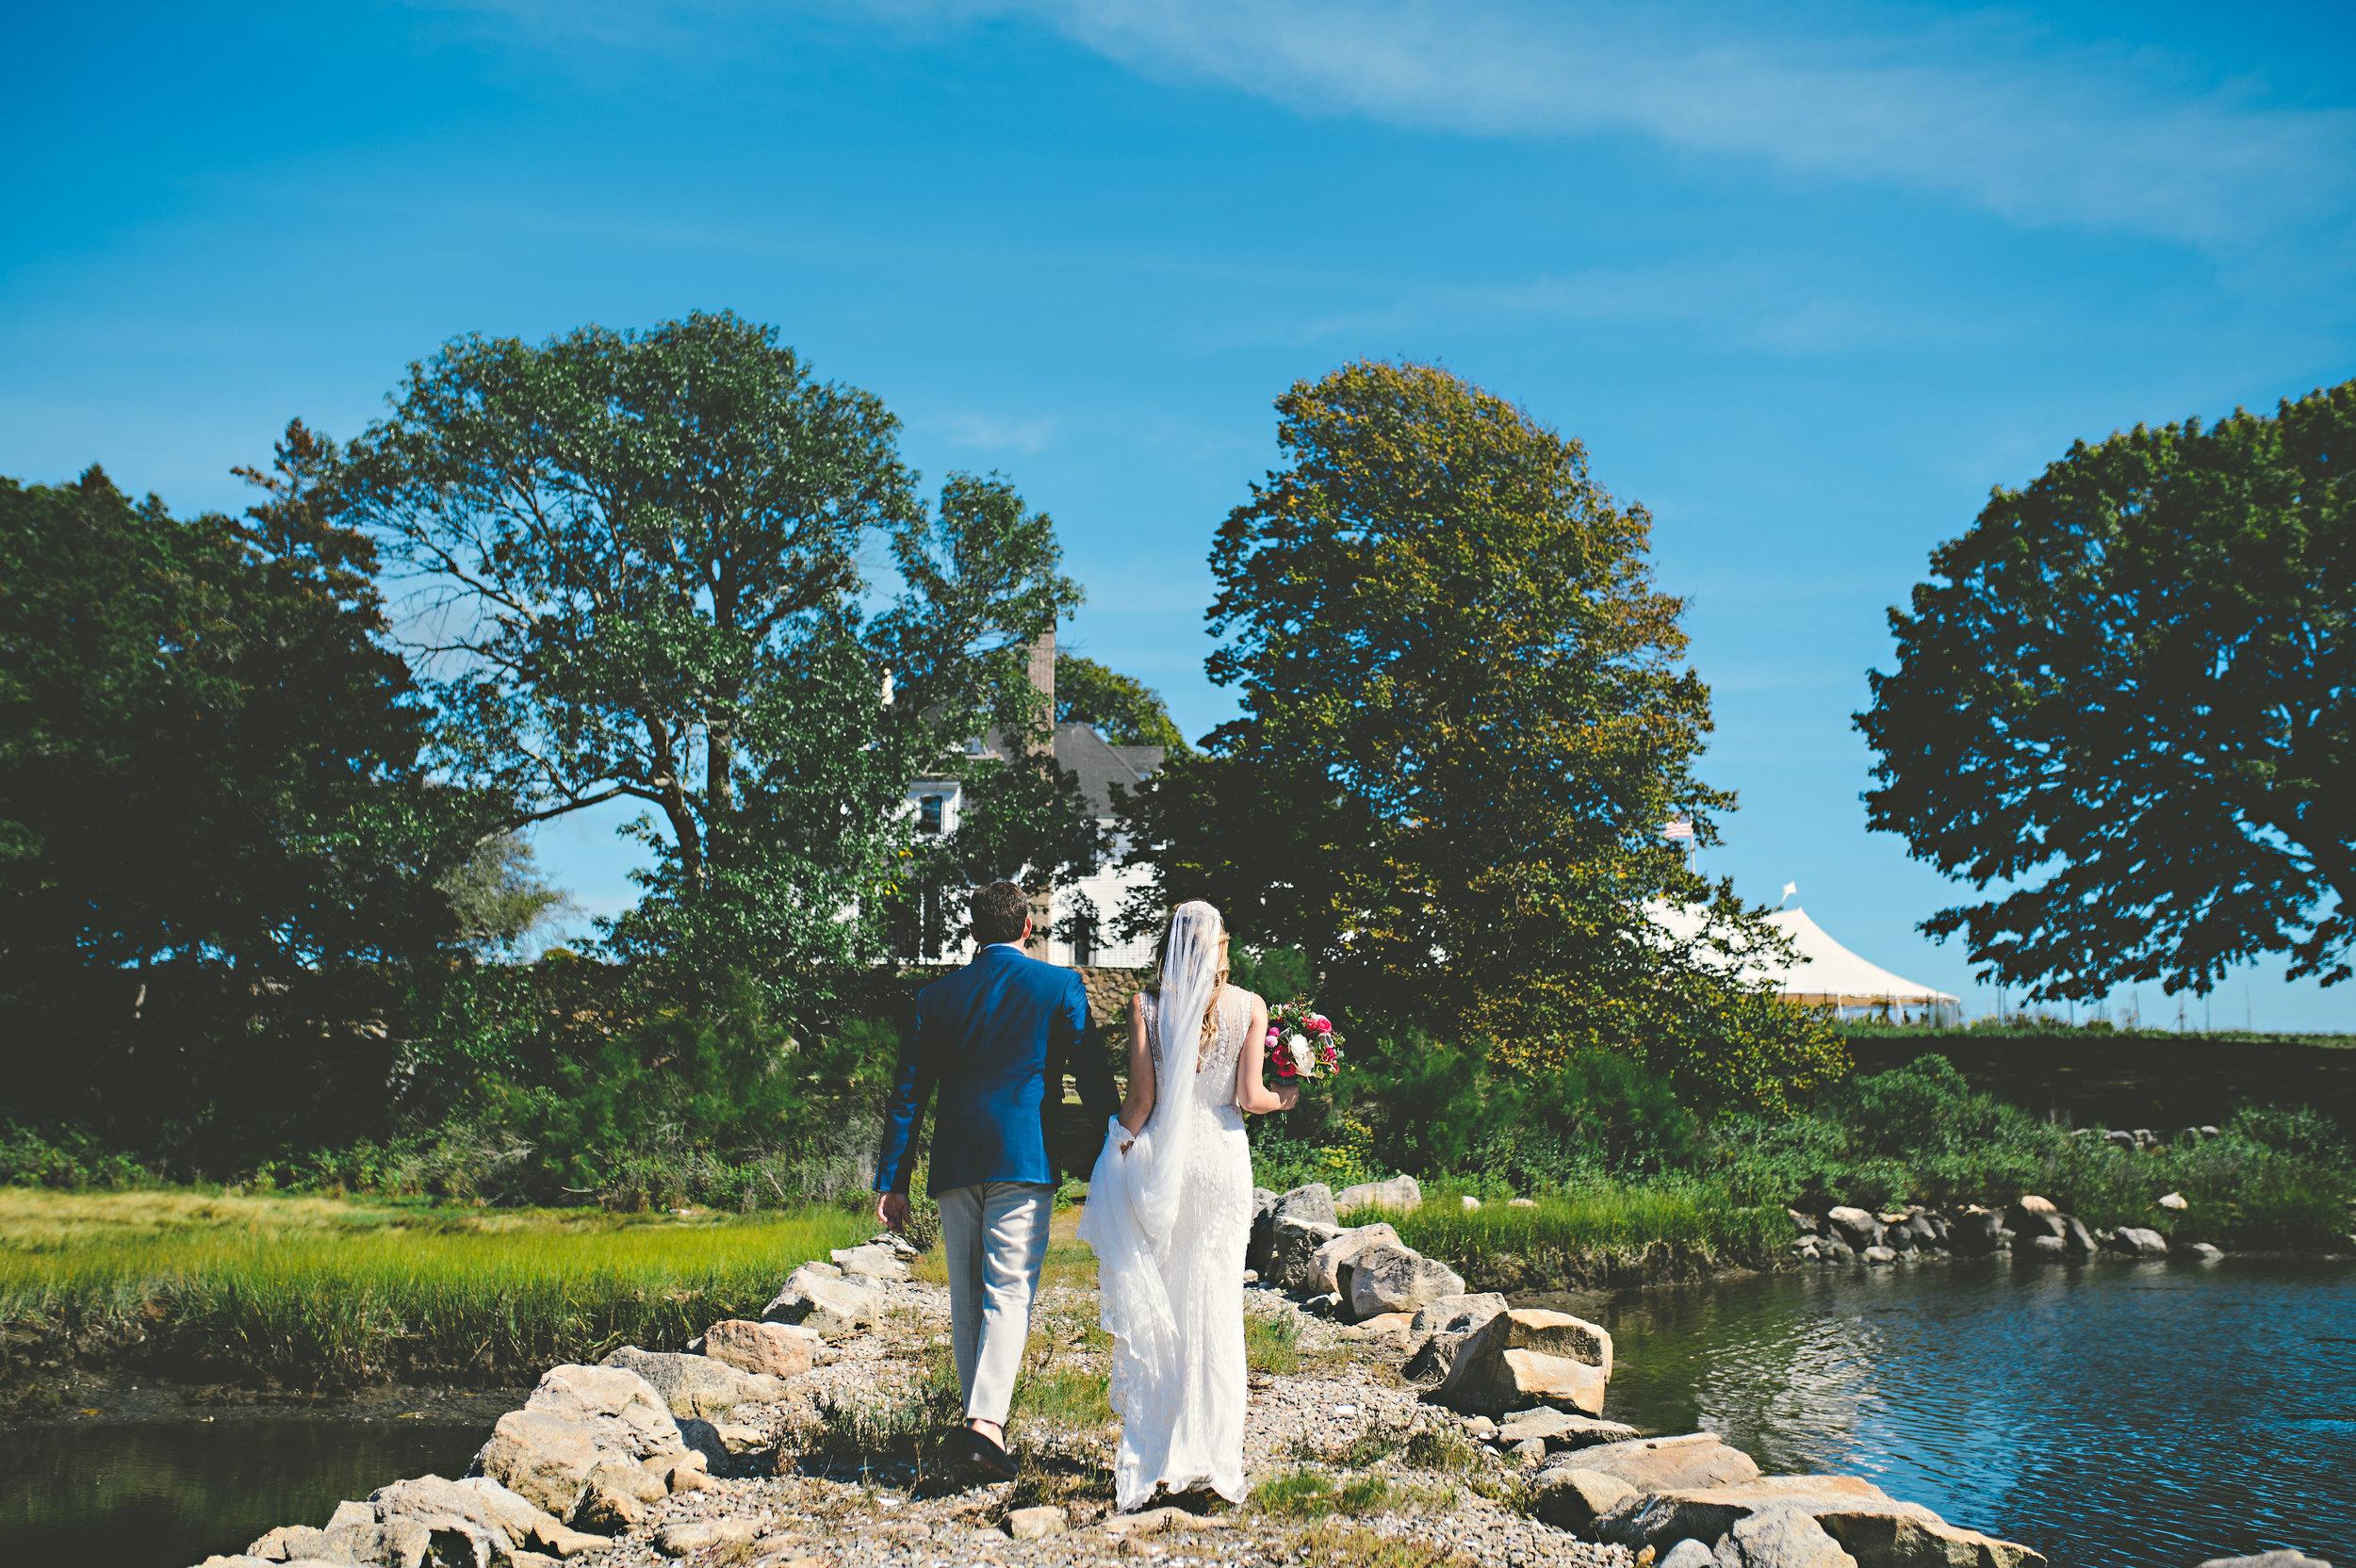 bruker_wedding_0377.jpg